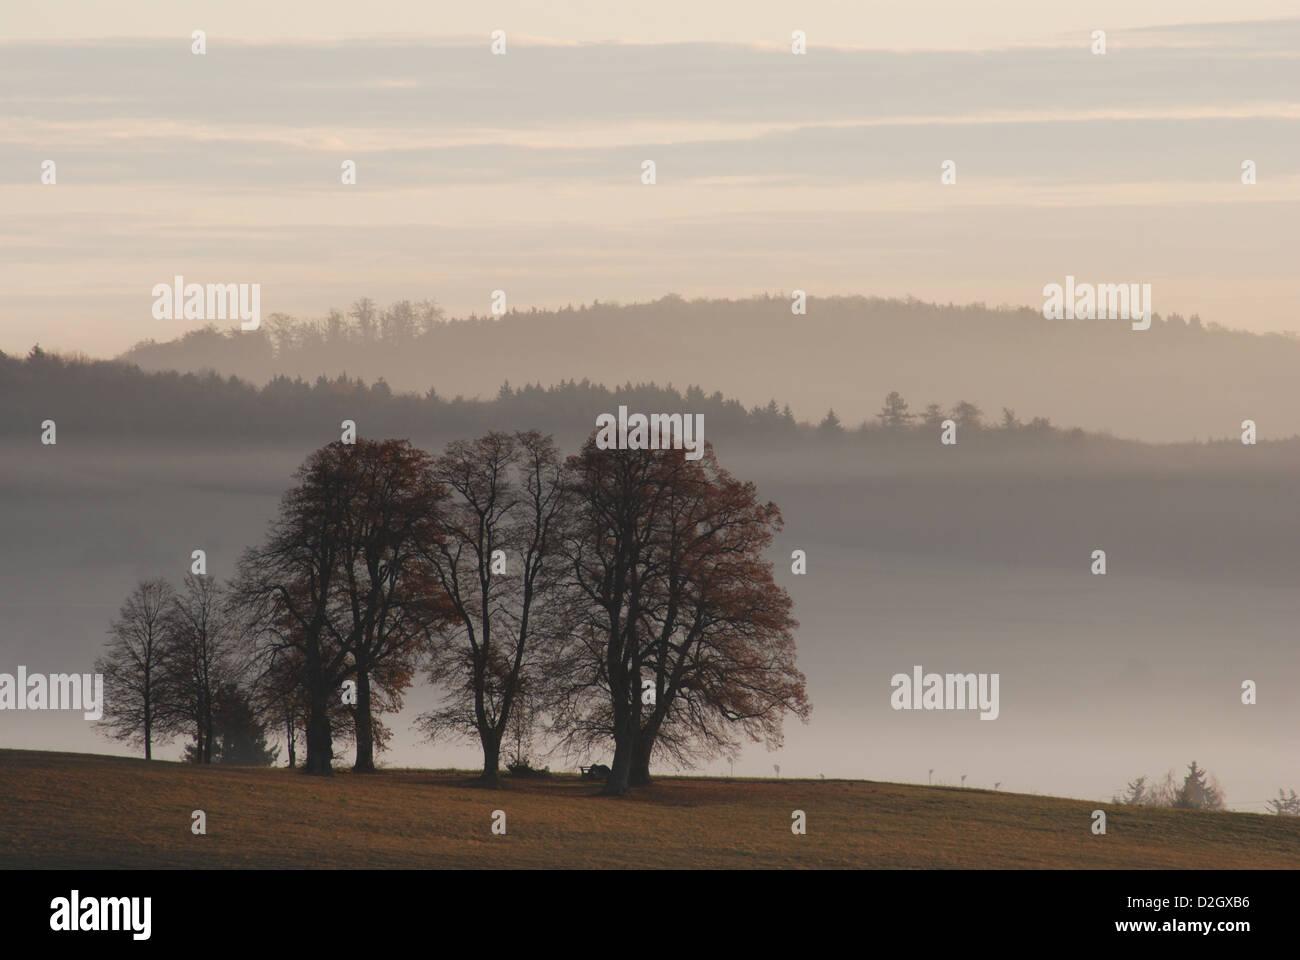 Strukturgruppe, Morgen zwischen Salmendingen in der Schwäbischen Alb, Bäume im Nebel, Stockbild